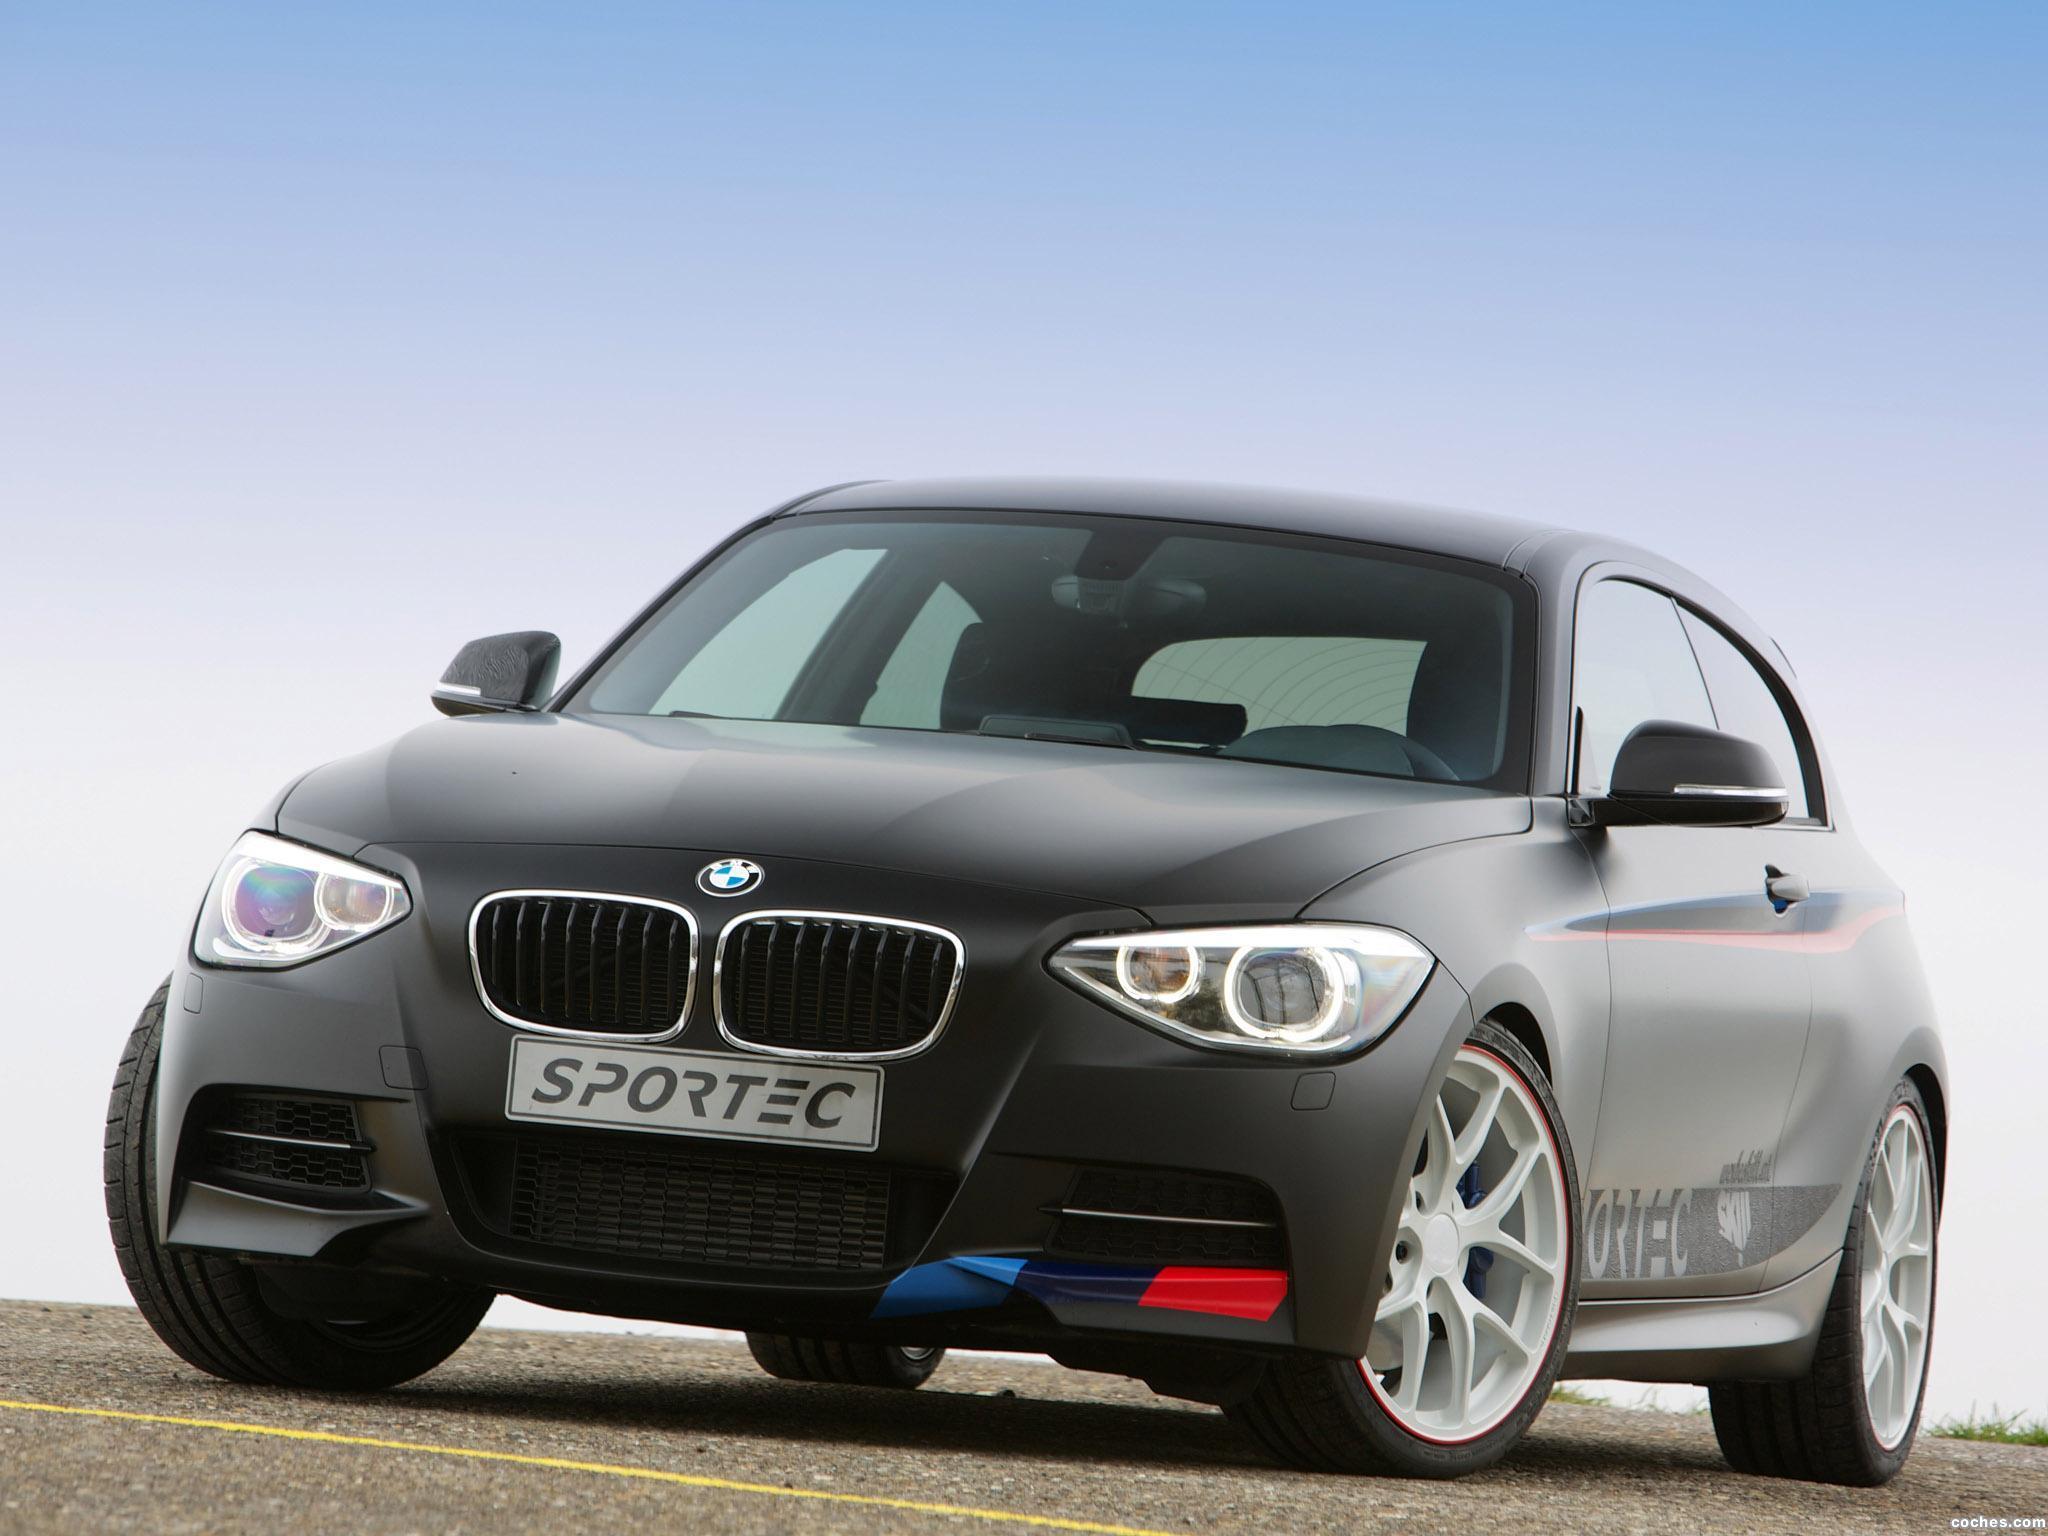 Foto 0 de Sportec BMW Serie 1 M135i F21 2013